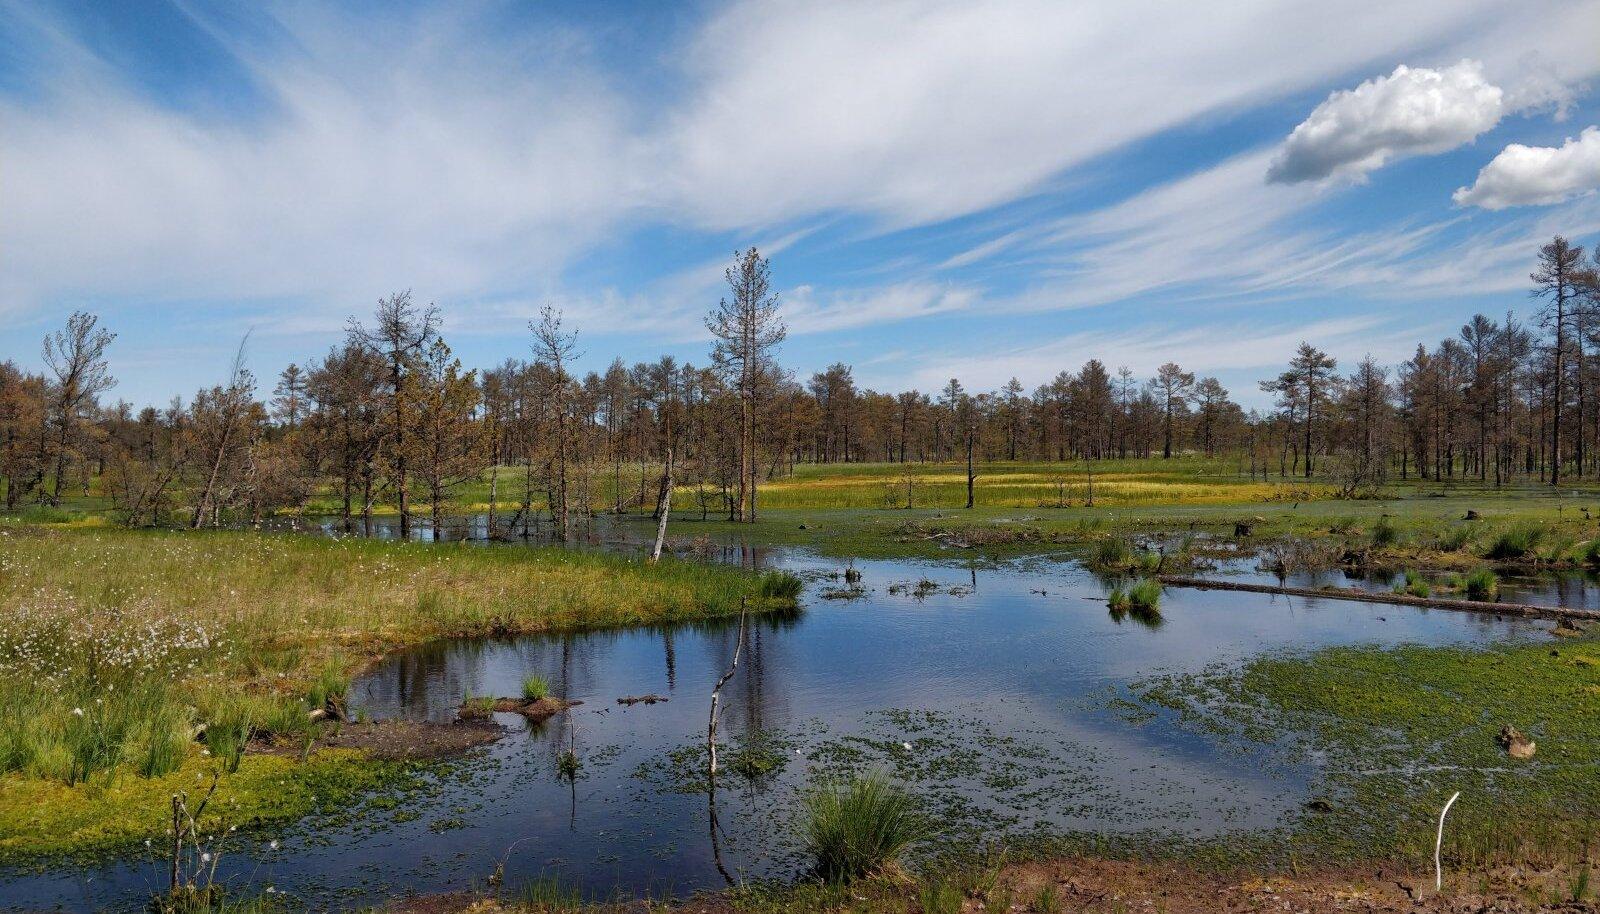 На экскурсии по болоту Лаукасоо можно будет увидеть первые результаты работ по восстановлению водного режима – высушенная территория с плотной сетью канав и хилой растительностью превратилась в рай пушицы влагалищной!